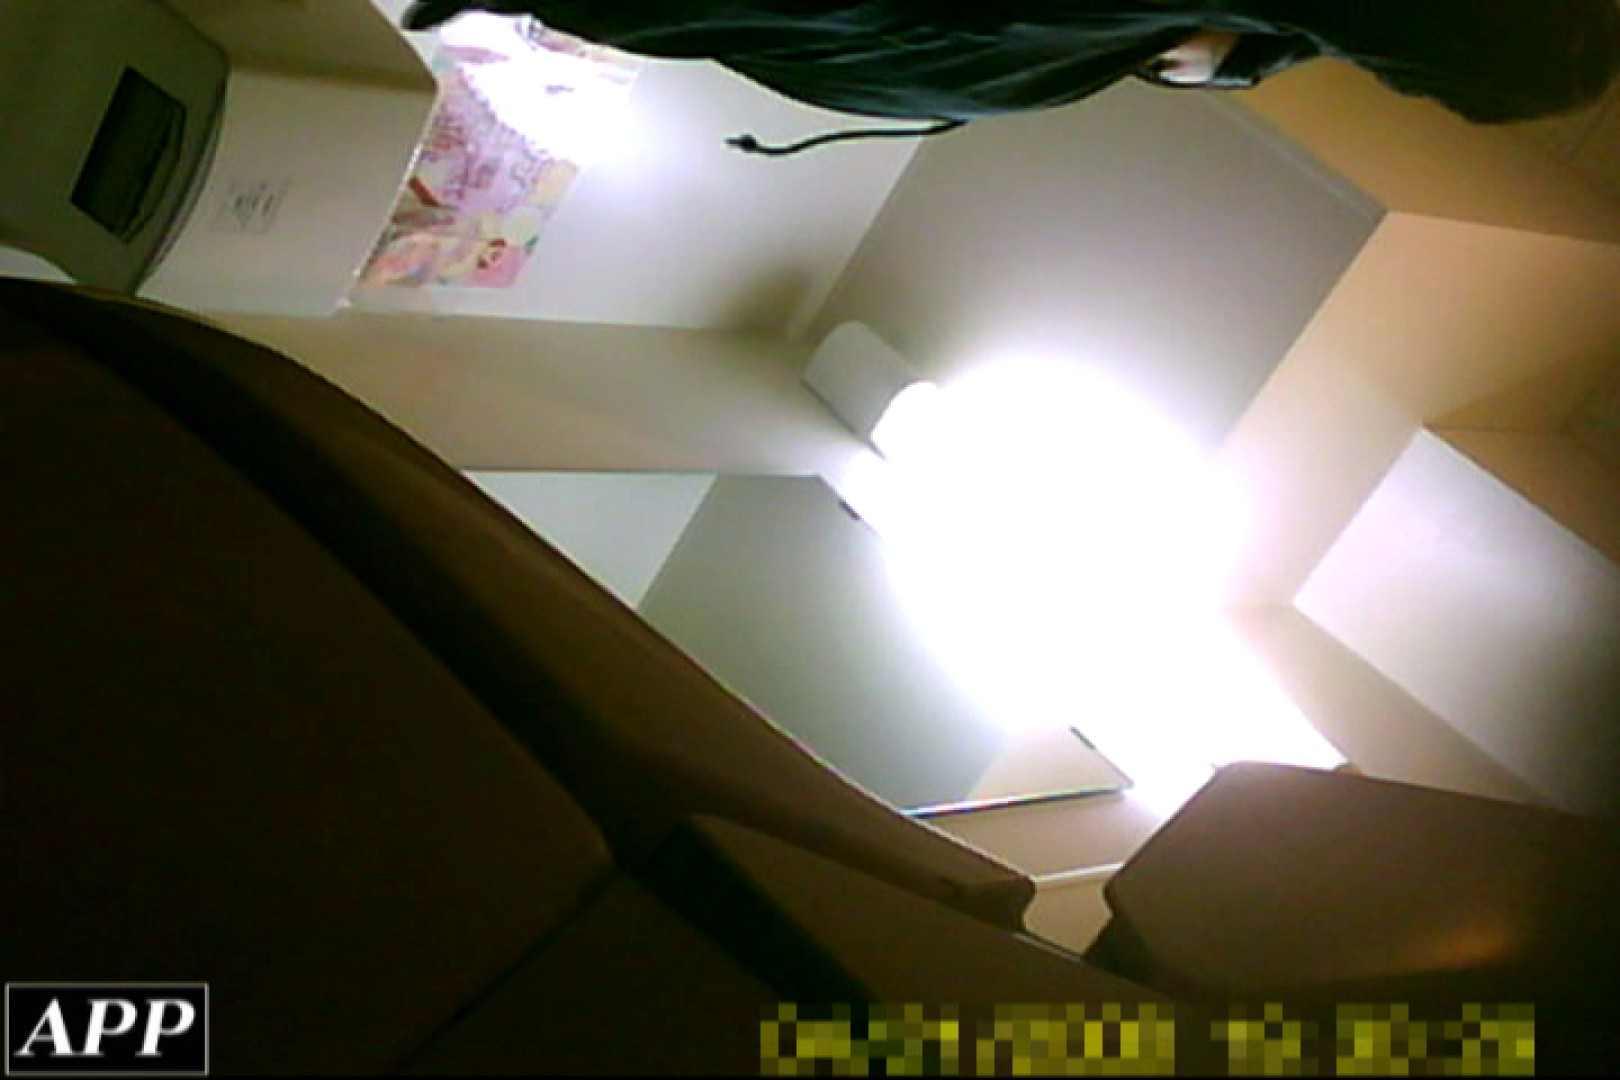 3視点洗面所 vol.057 洗面所はめどり  77画像 60